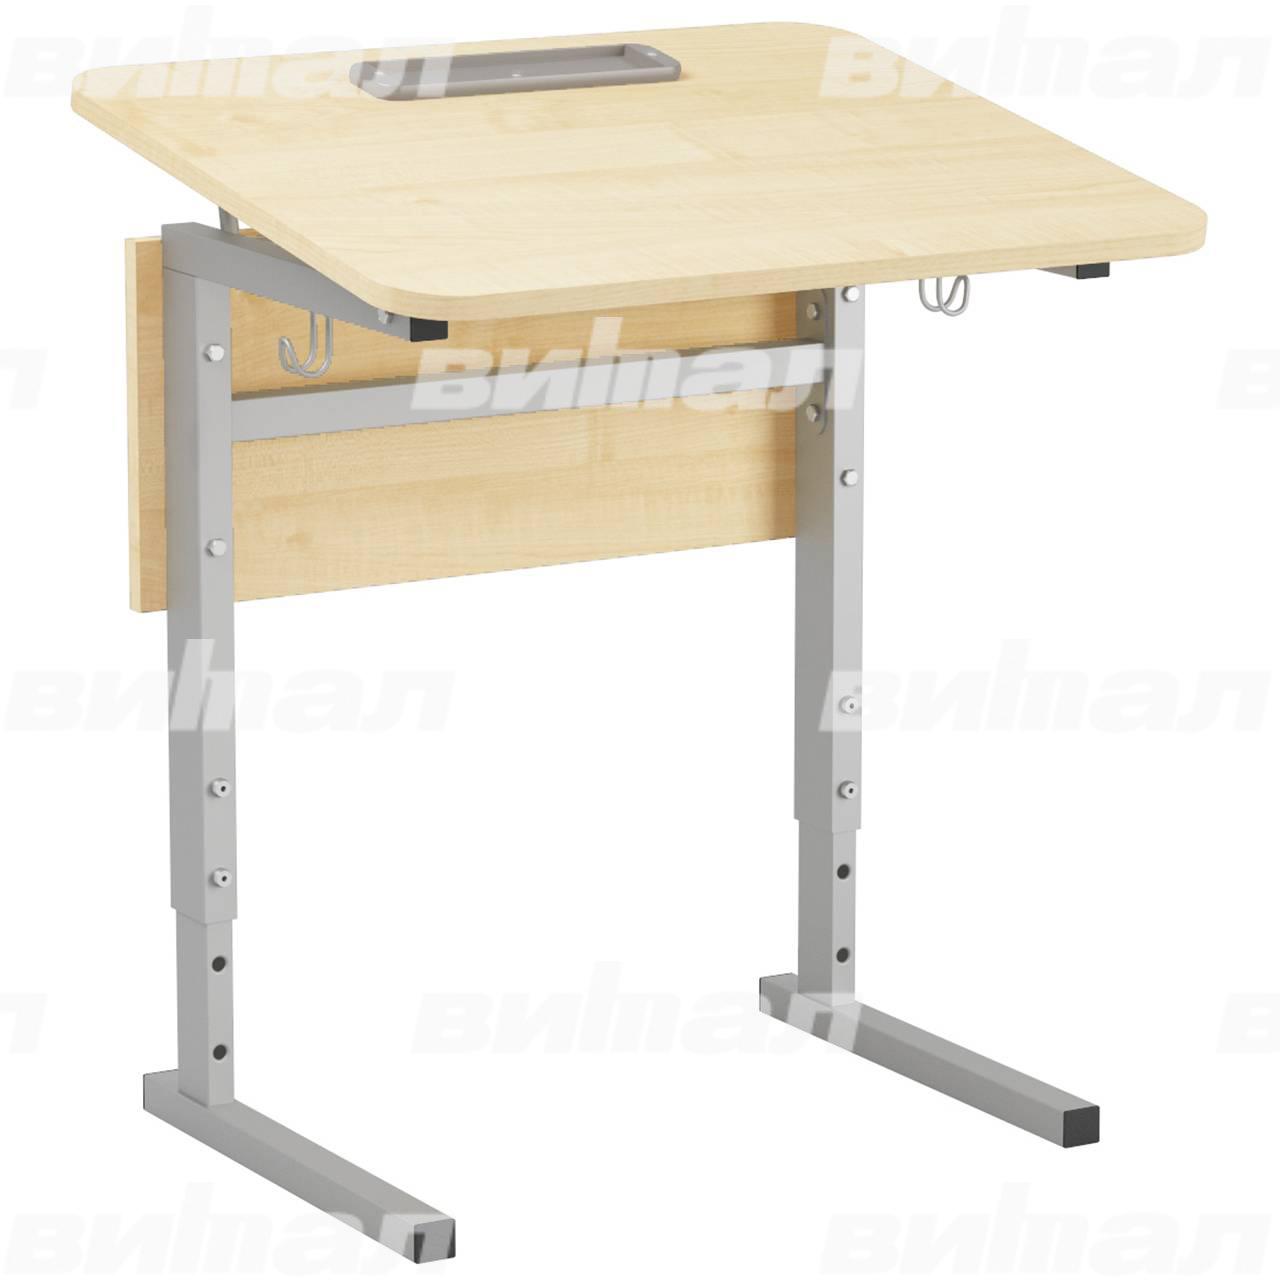 Стол 1-местный регулир. высота и наклон столешницы 0-10° (гр 2-4, 3-5 или 4-6) серый Клен 5-7 Меламин прямоугольная